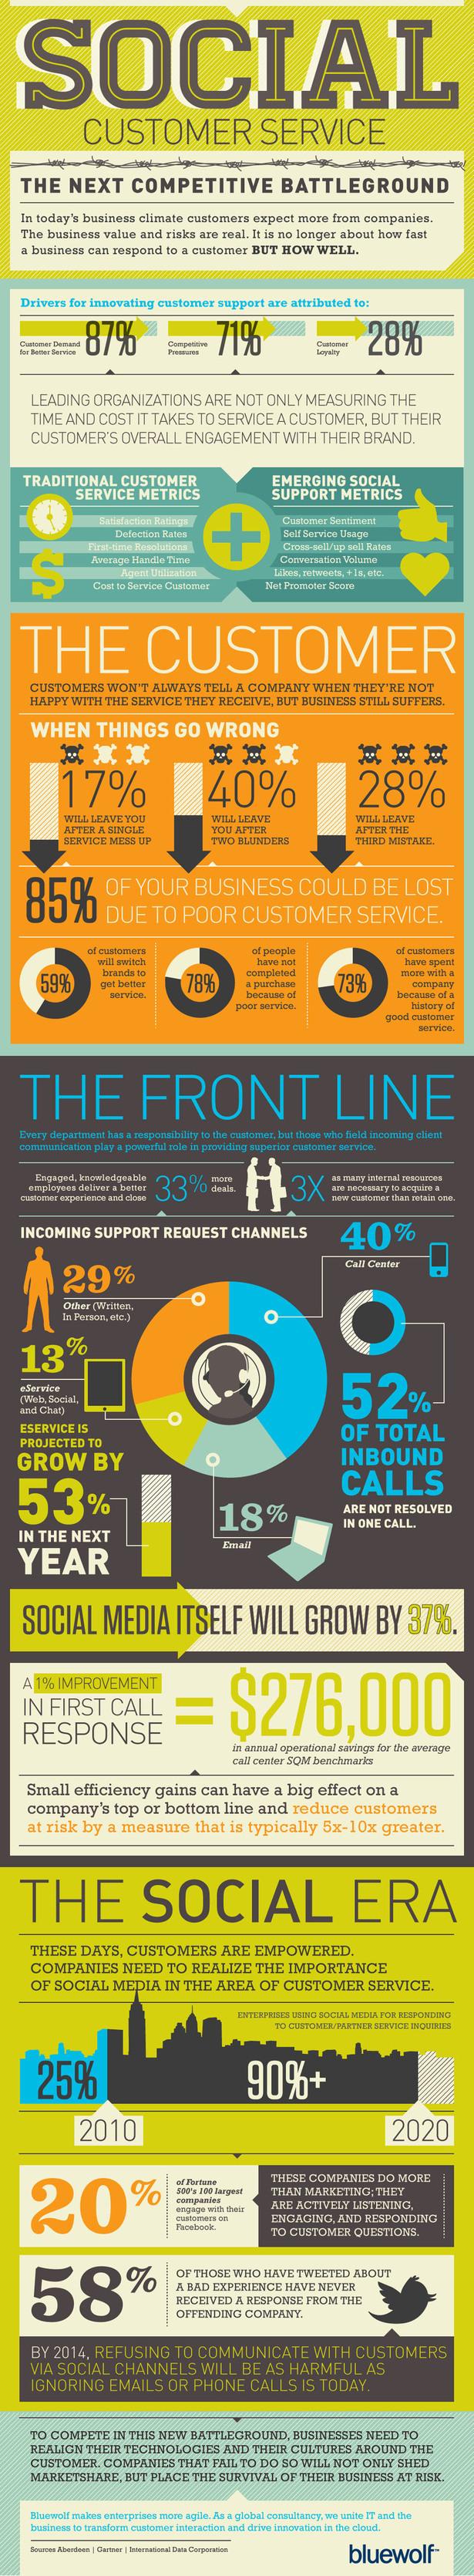 Social Customer Service: la importancia de las Redes Sociales en el servicio al cliente